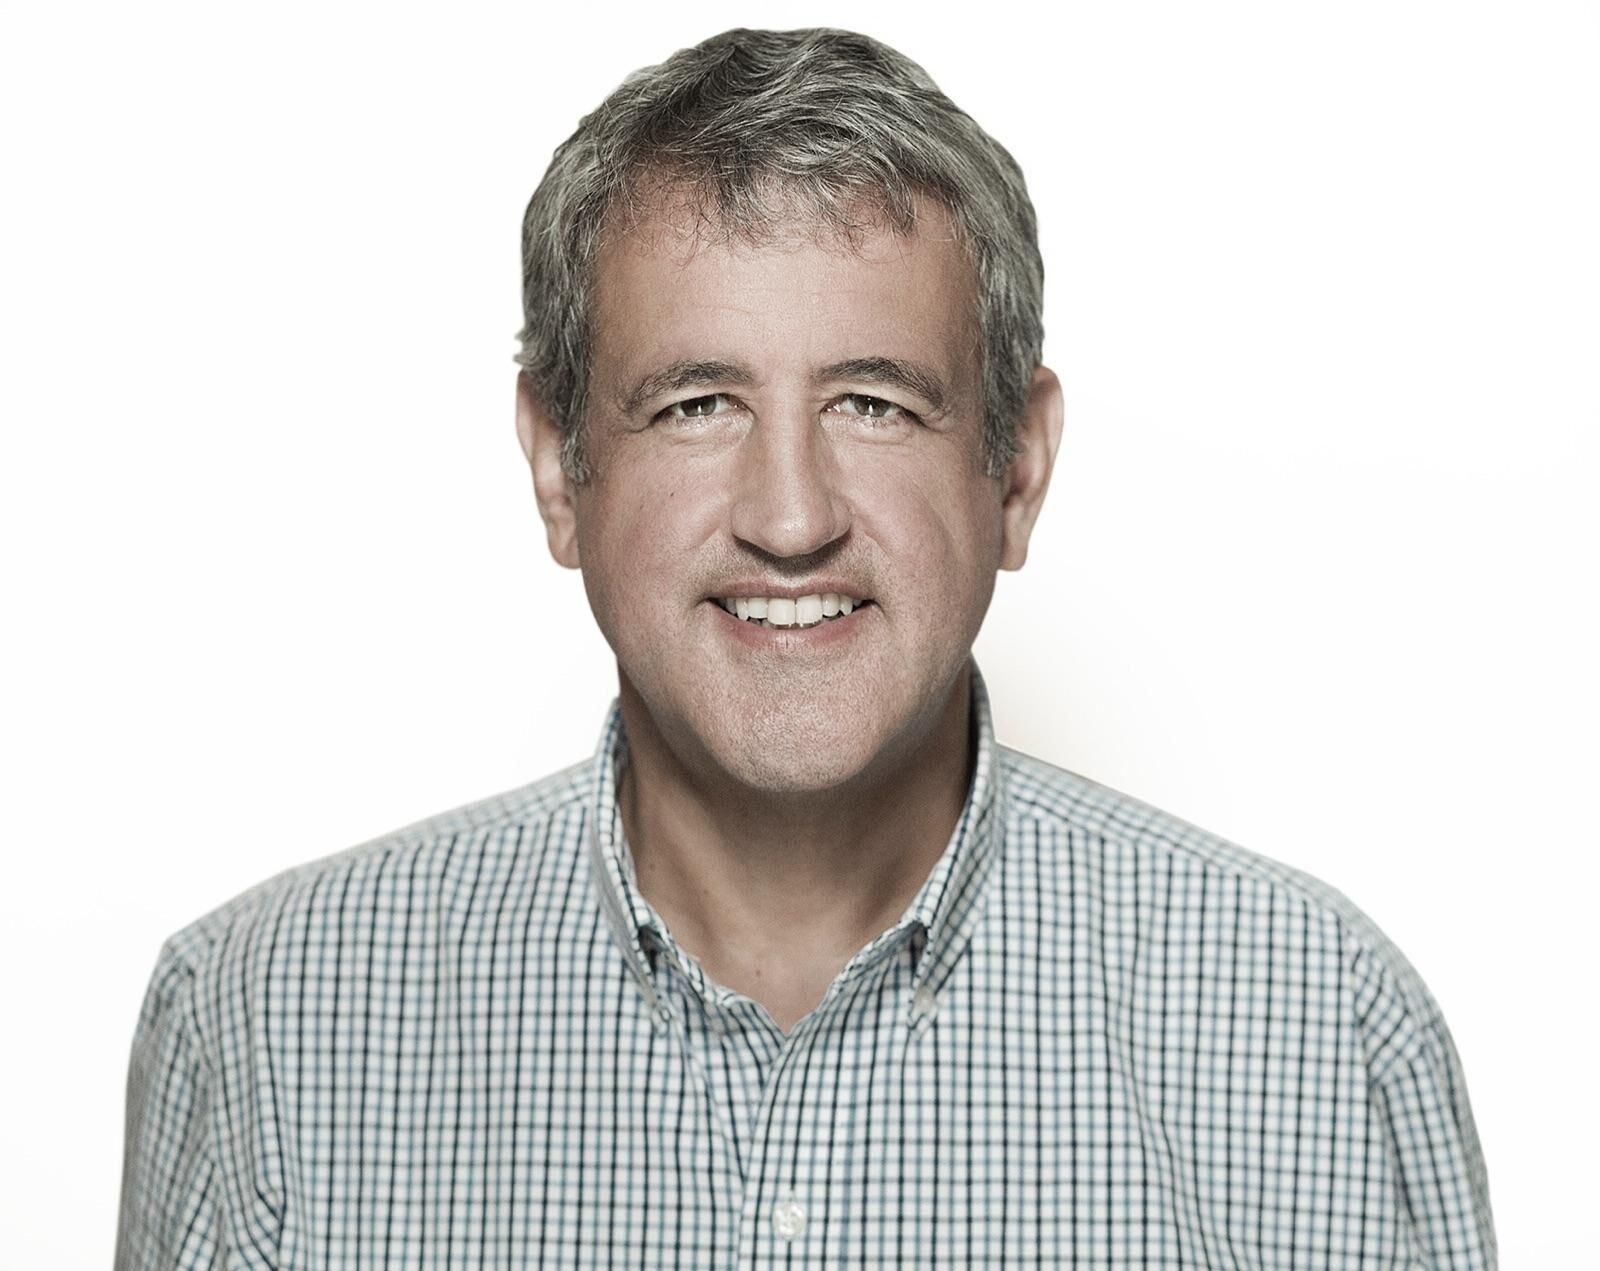 Joe Fusco